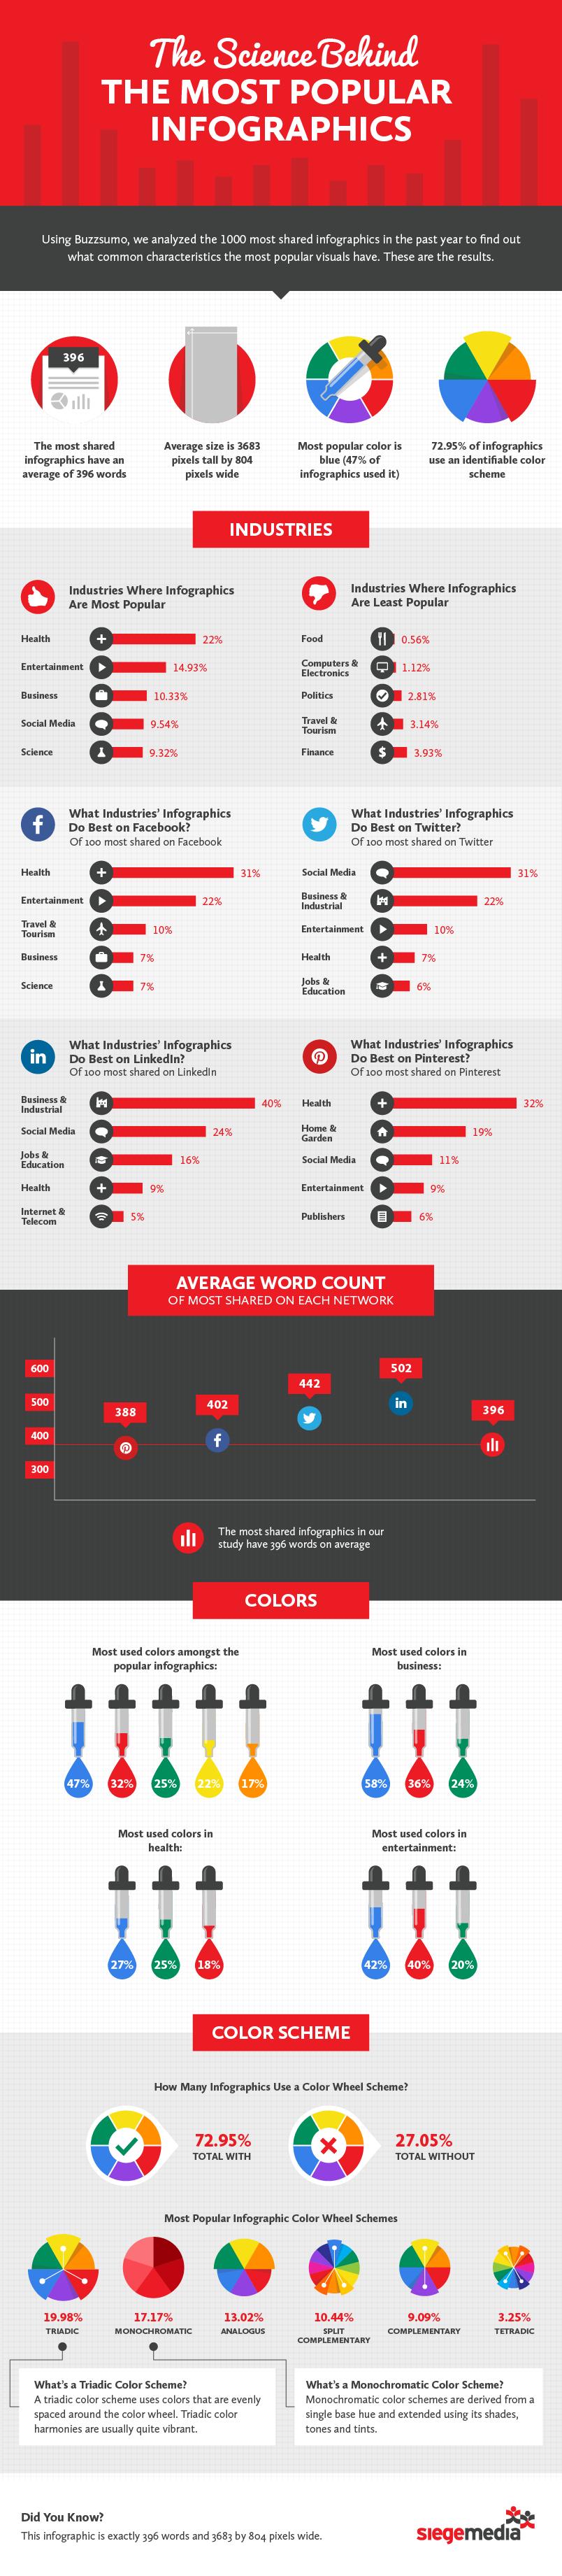 La ciencia detrás de las infografías más populares